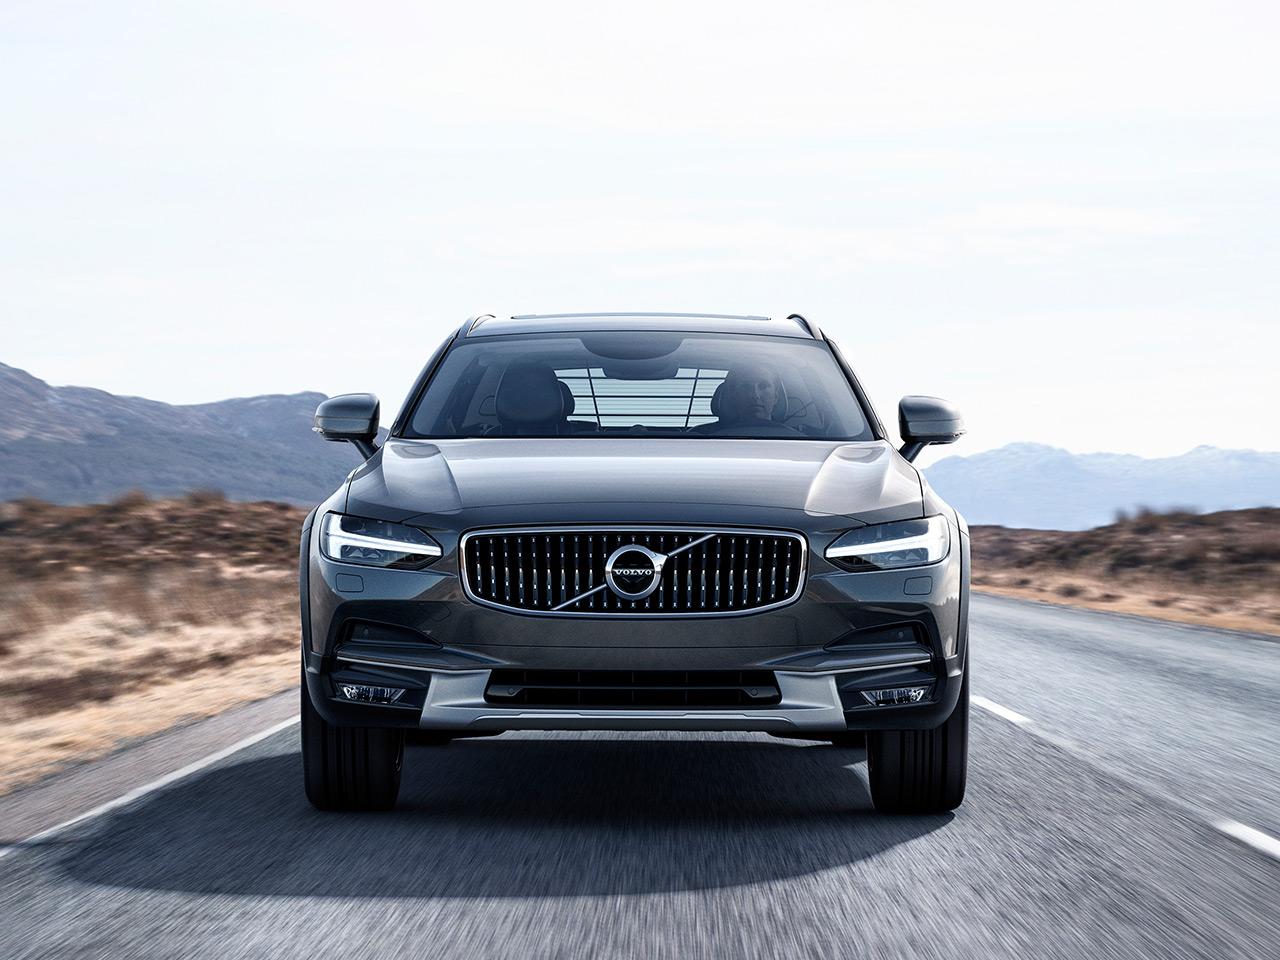 Volvo V90mercedes E Klasse T Modell Test Autozeitungde